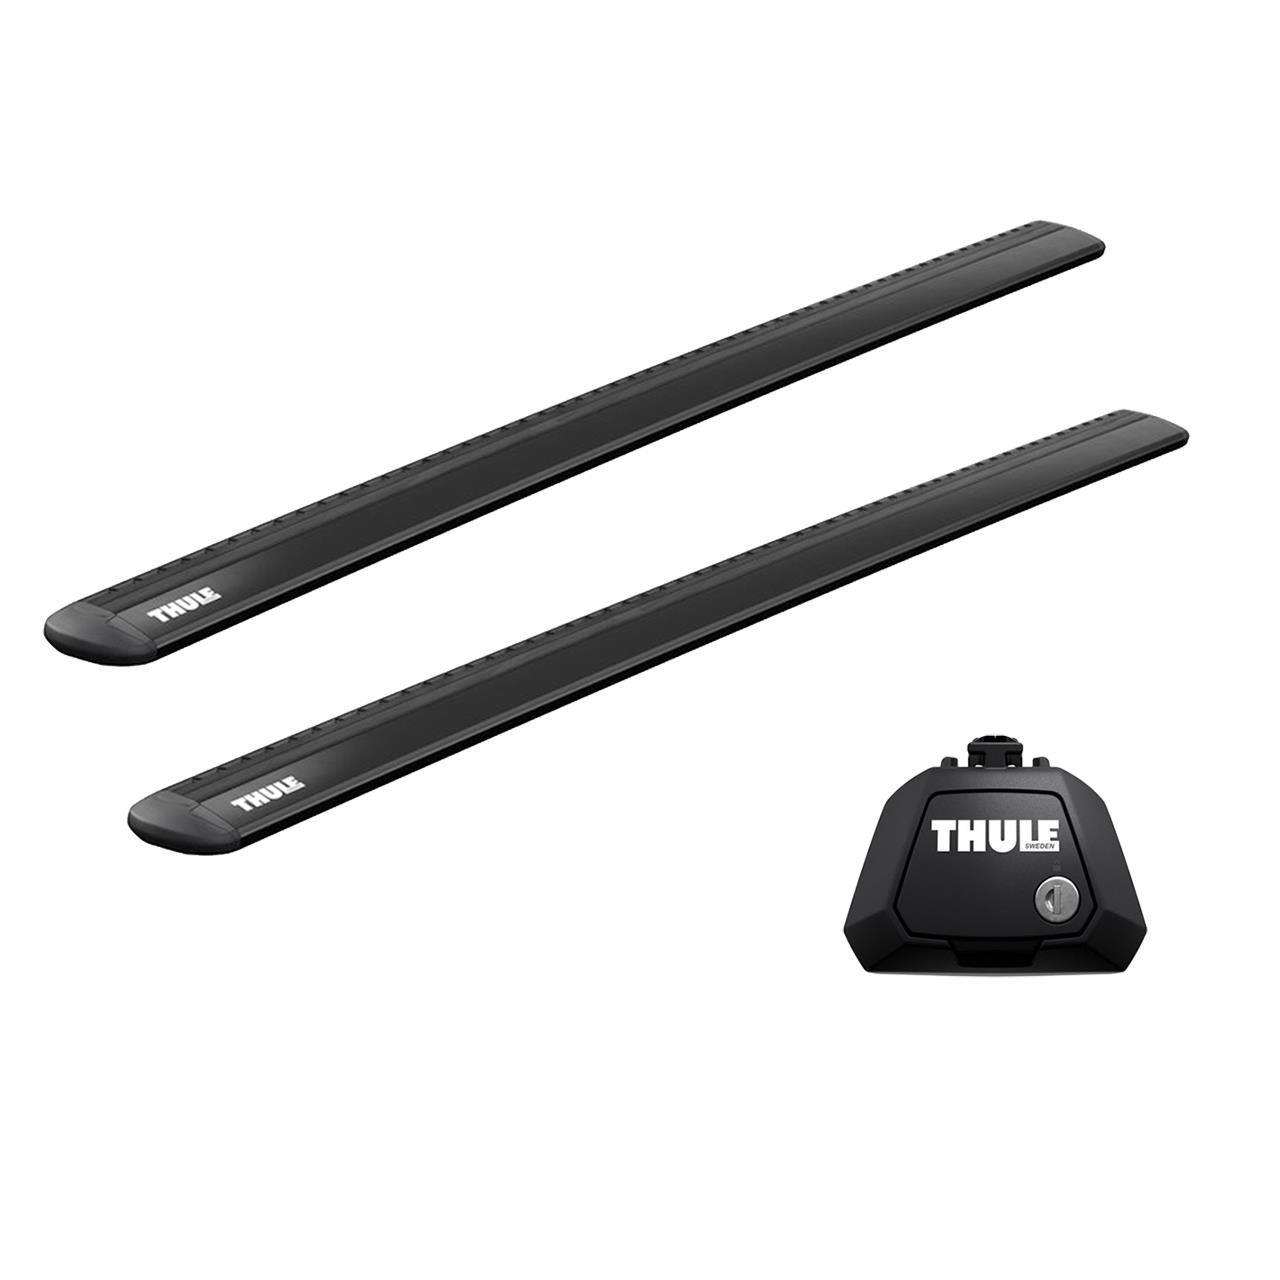 Напречни греди Thule Evo Raised Rail WingBar Evo 127cm в Черно за DAIHATSU Terios 5 врати SUV 2006- с фабрични надлъжни греди с просвет 1